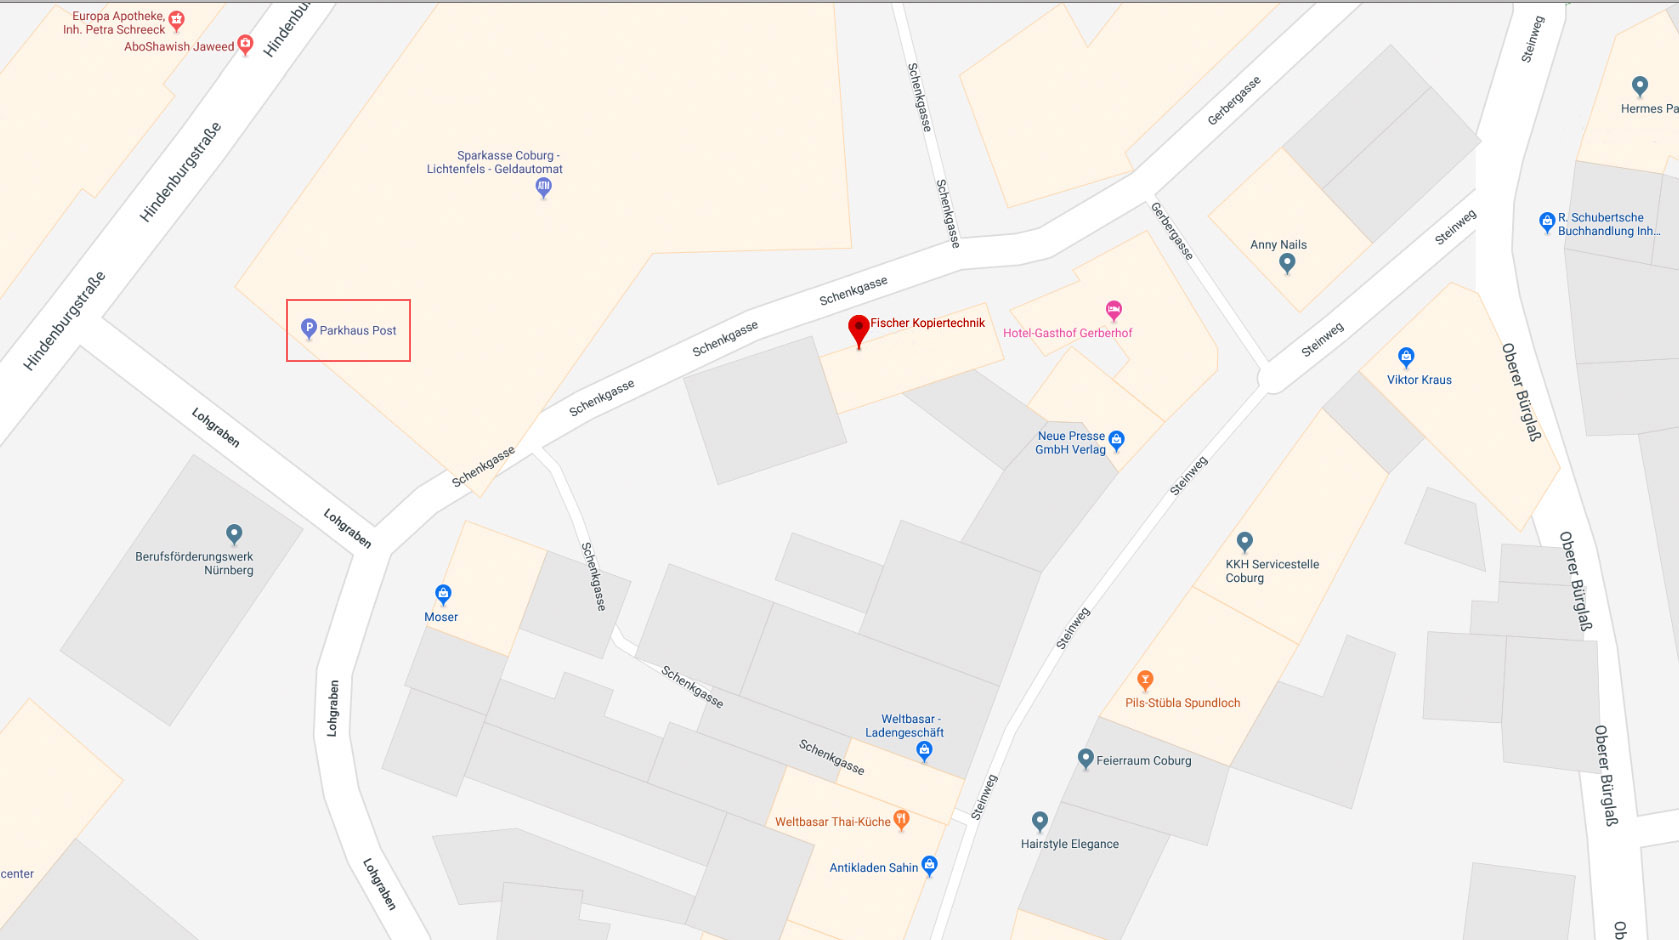 Fischer-Kopiertechnik, Standort Steinweg 51, Rückgebäude, an Parkhaus Post